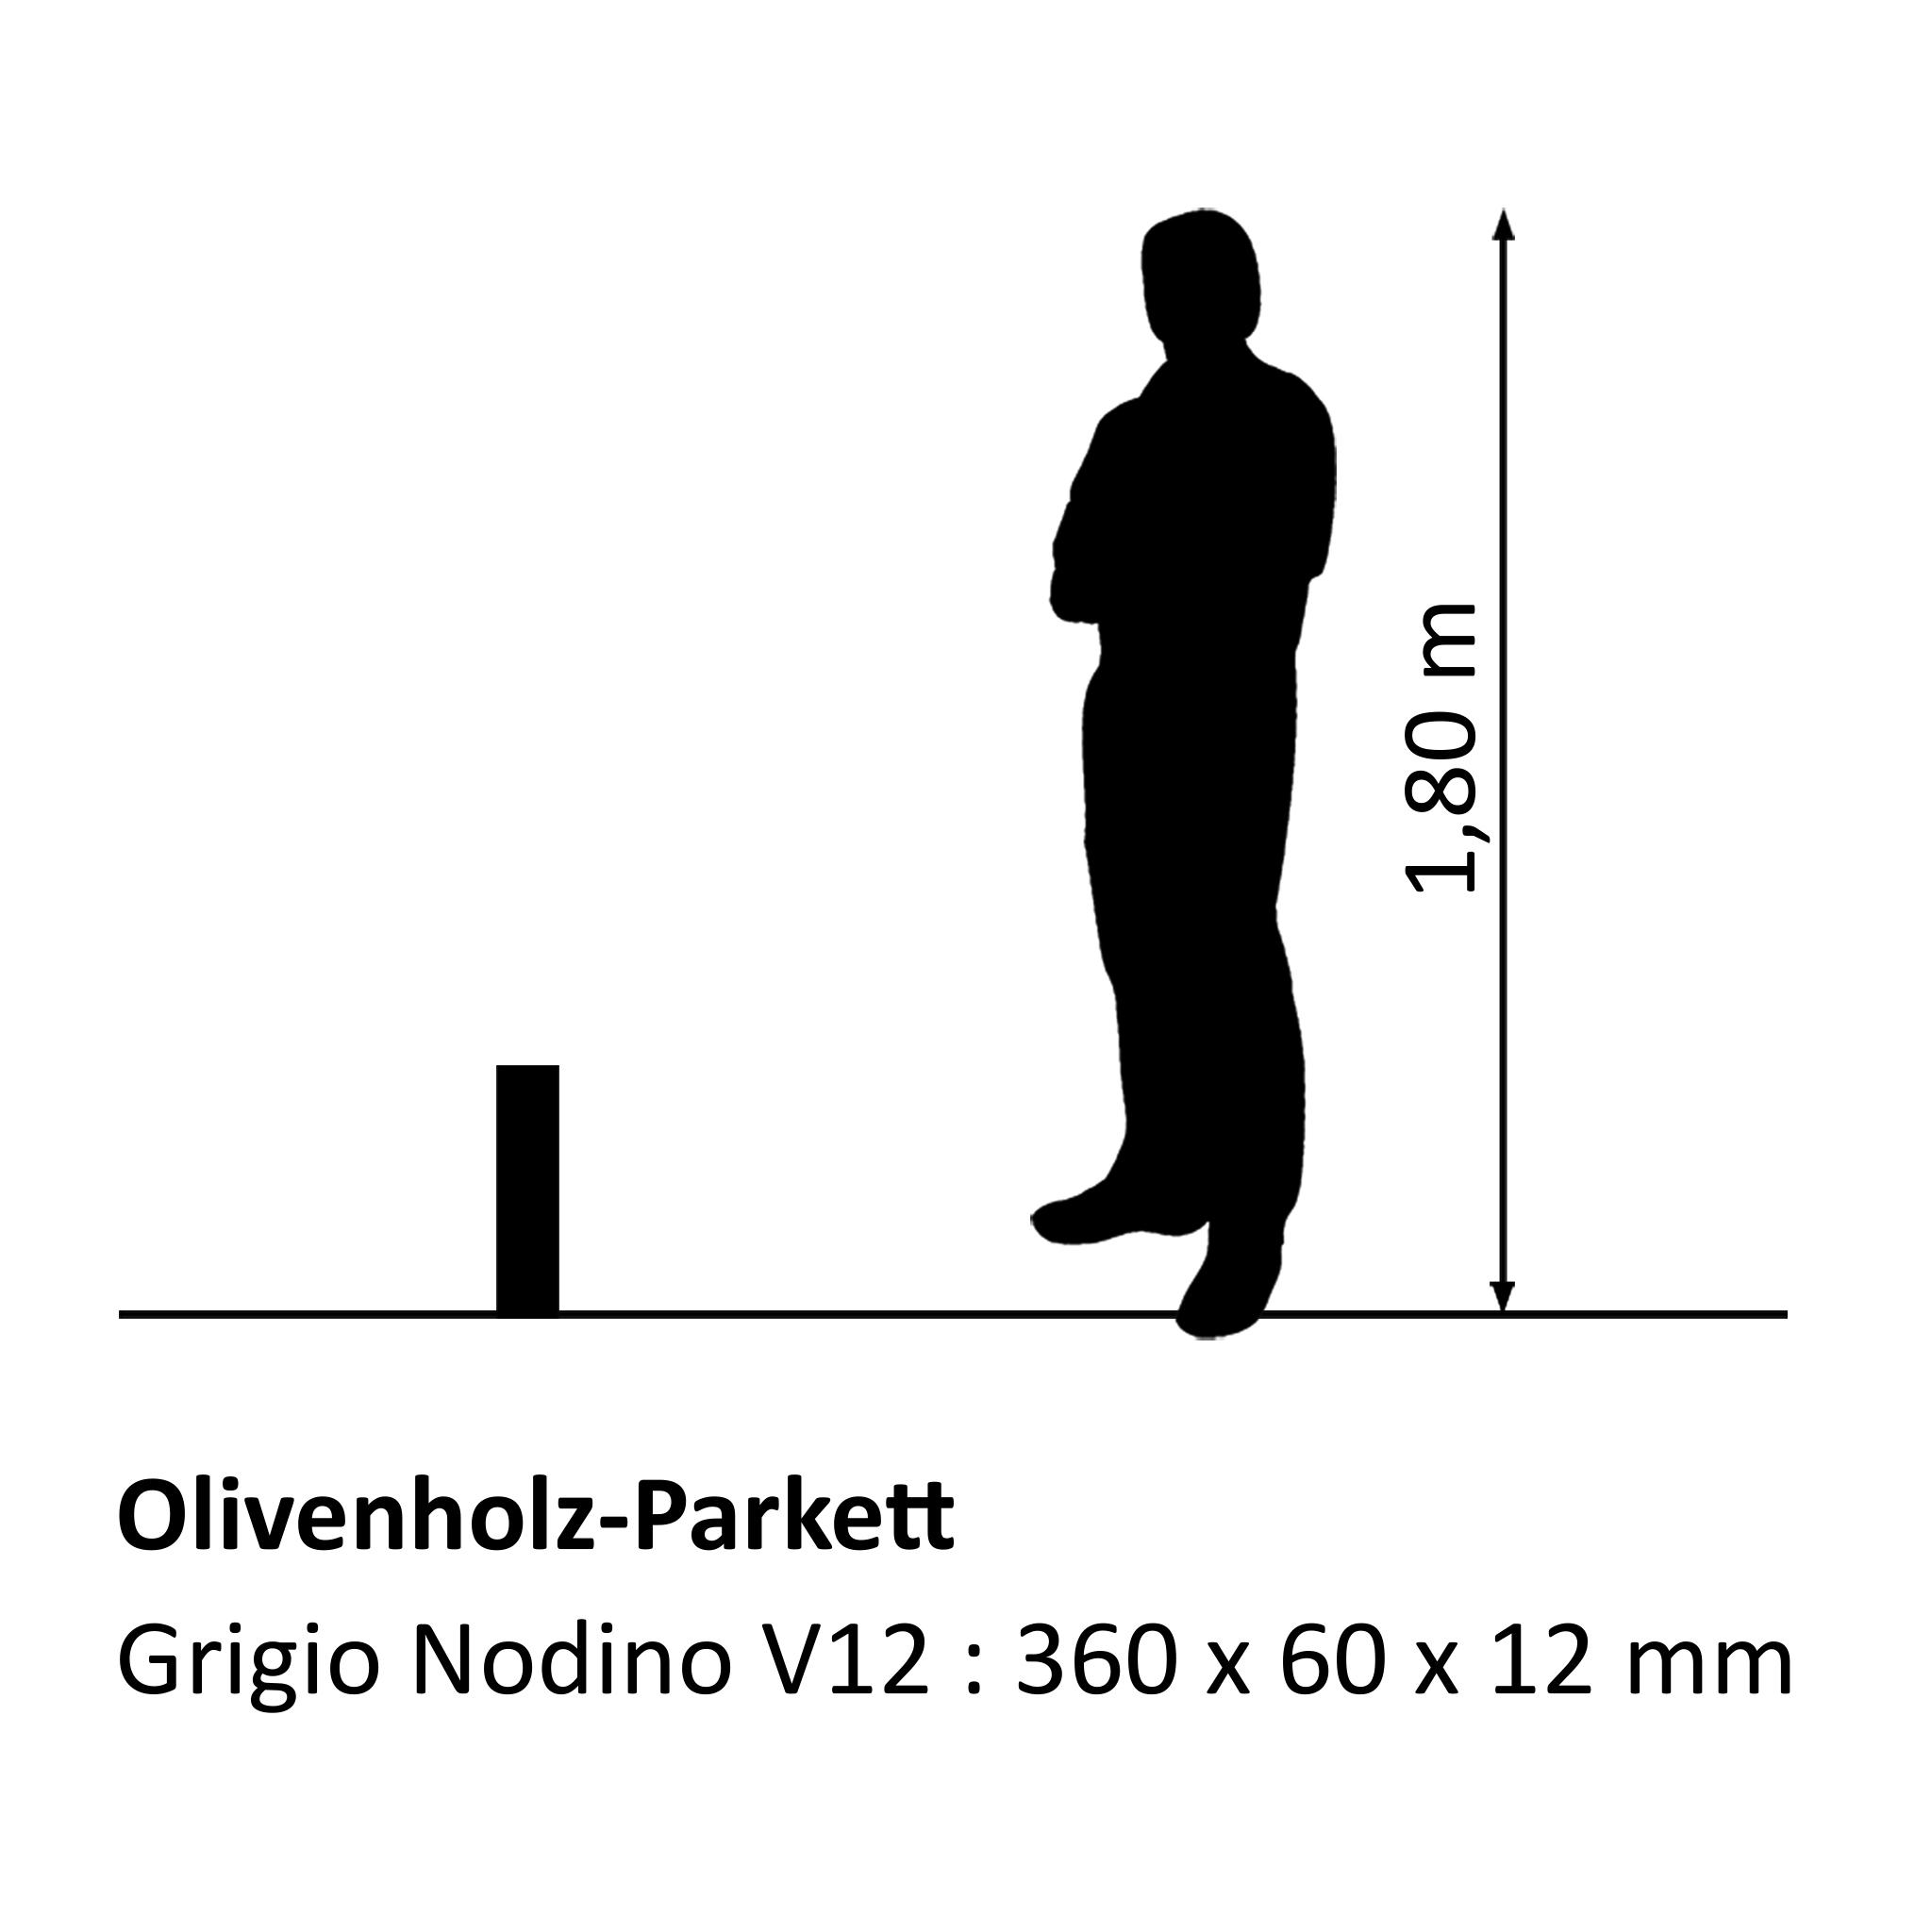 Olivenholz-Parkett Grigio Nodino V12